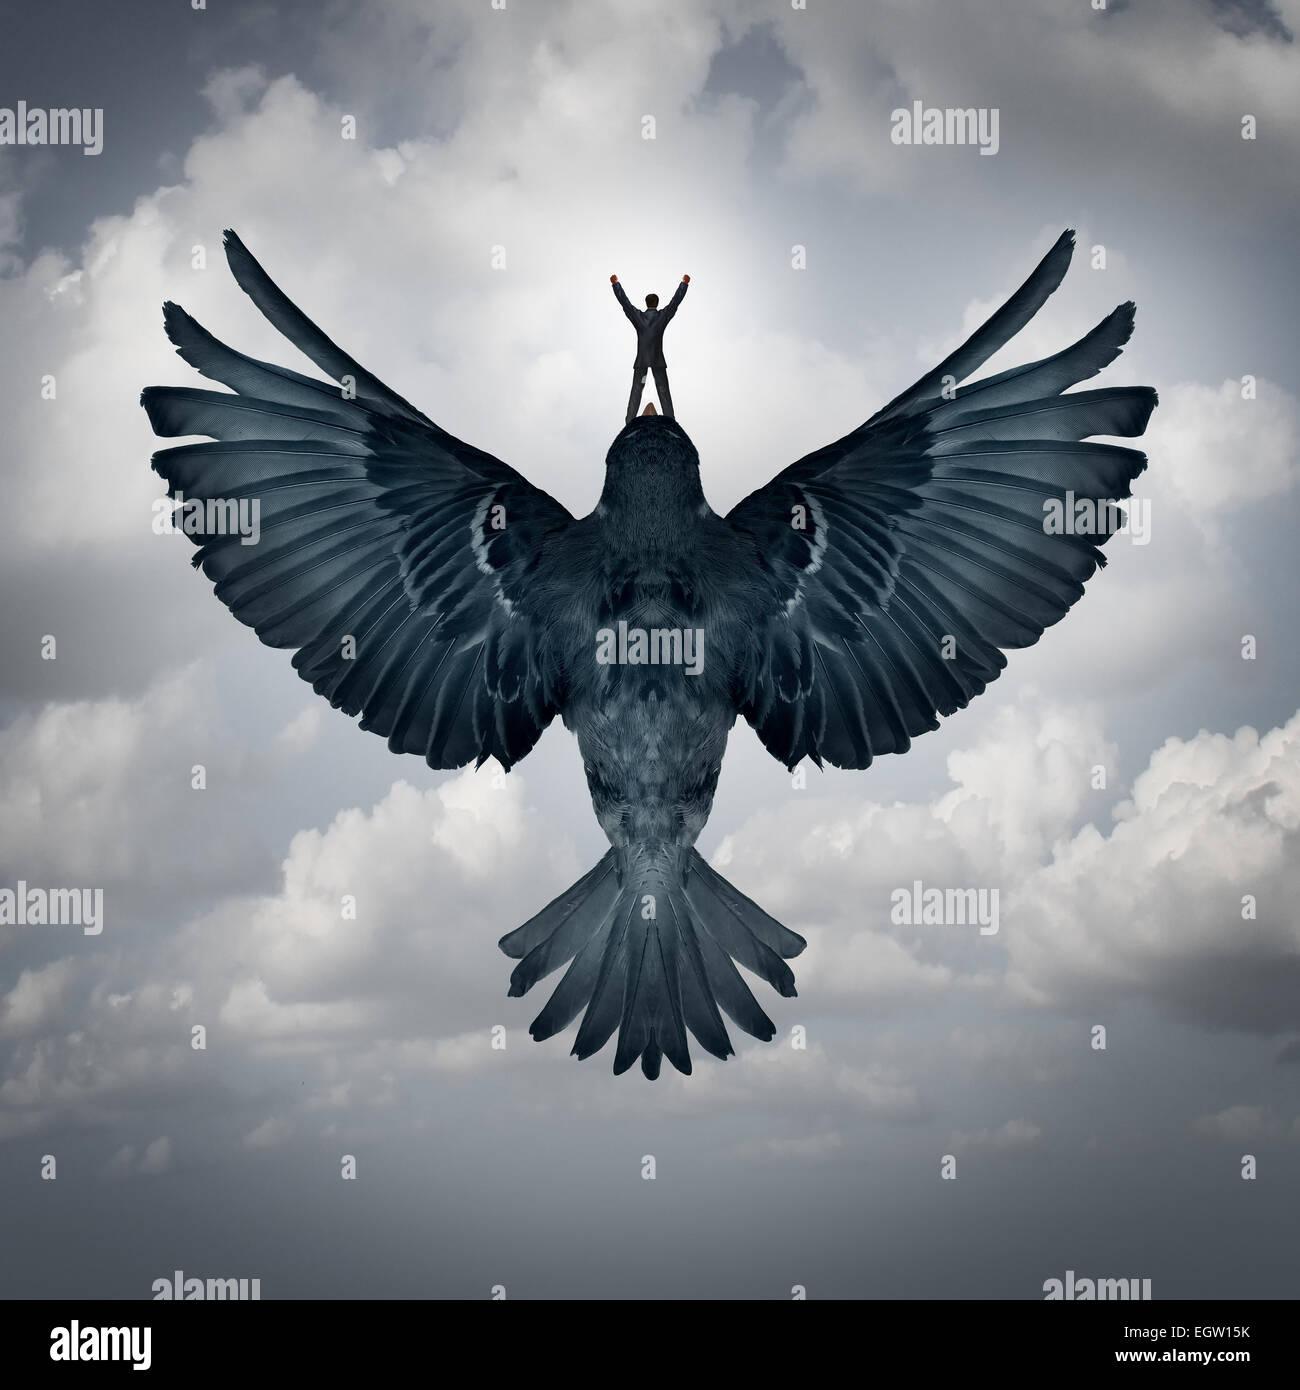 Succès du concept d'entreprise la liberté comme un homme monté sur un oiseau battant des ailes Photo Stock